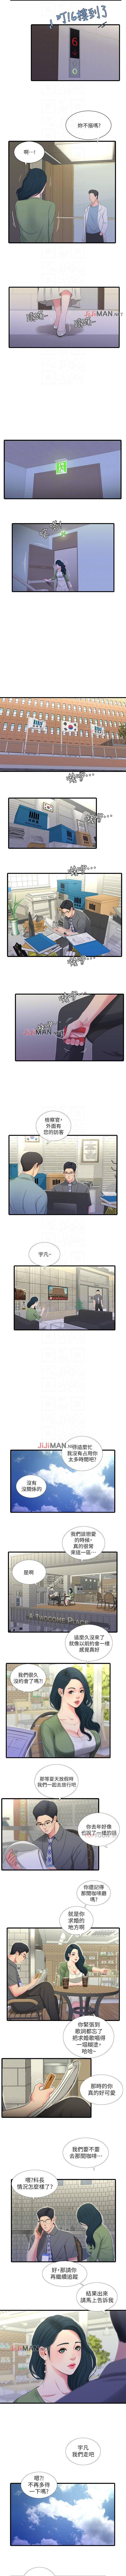 【周四连载】亲家四姐妹(作者:愛摸) 第1~37话 129